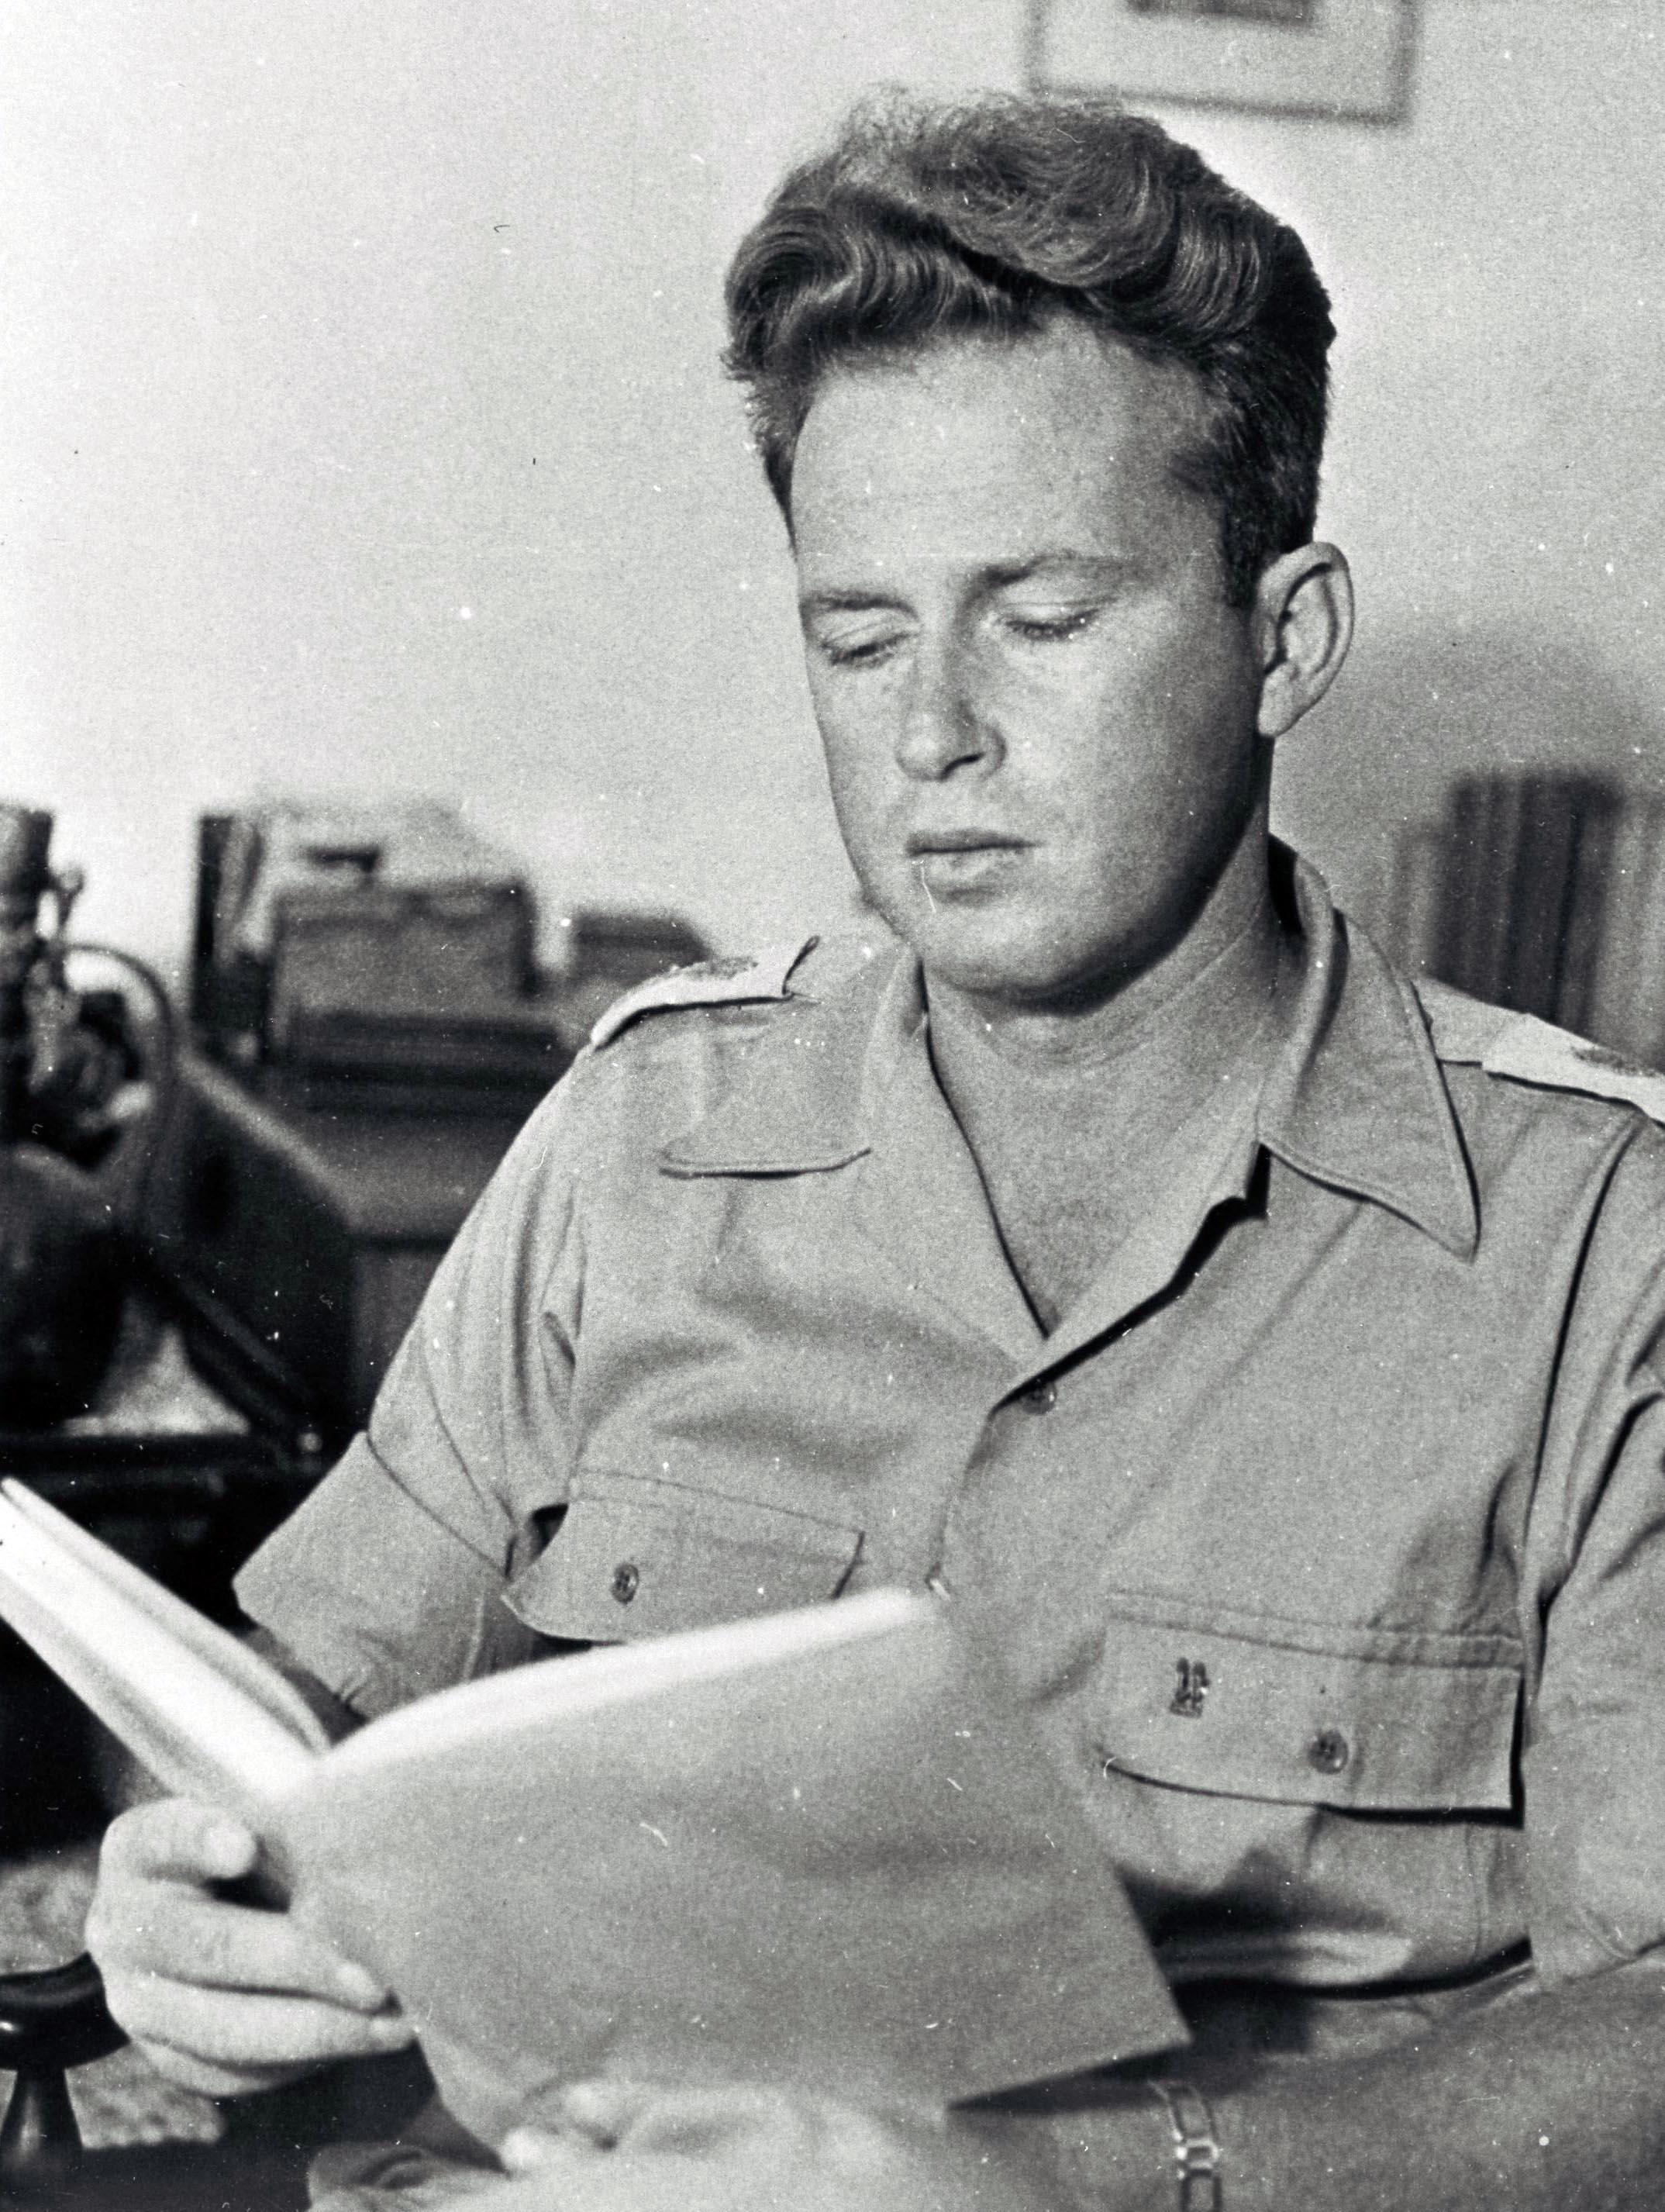 Yitzhak Rabinf